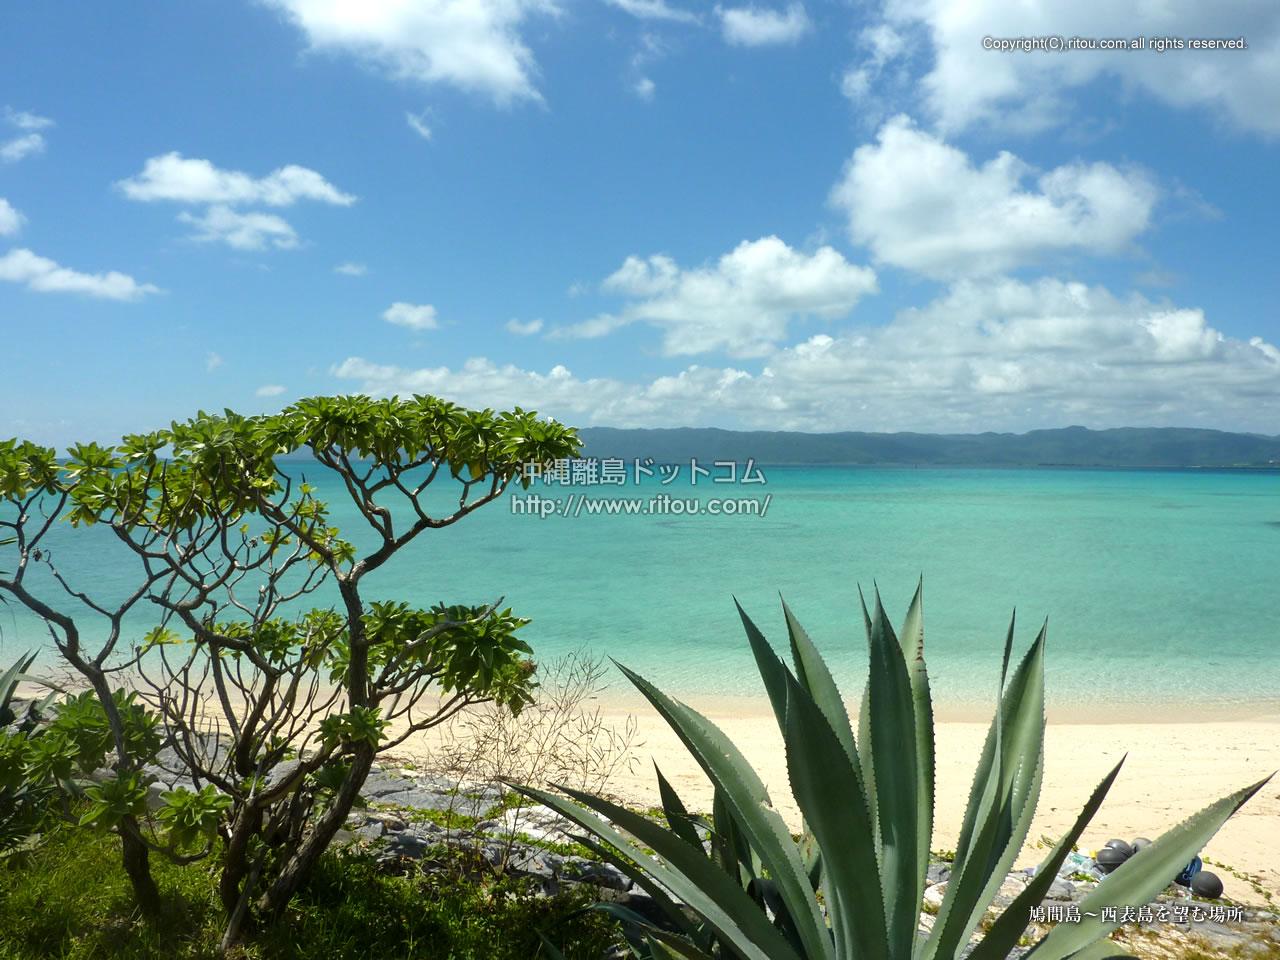 鳩間島〜西表島を望む場所